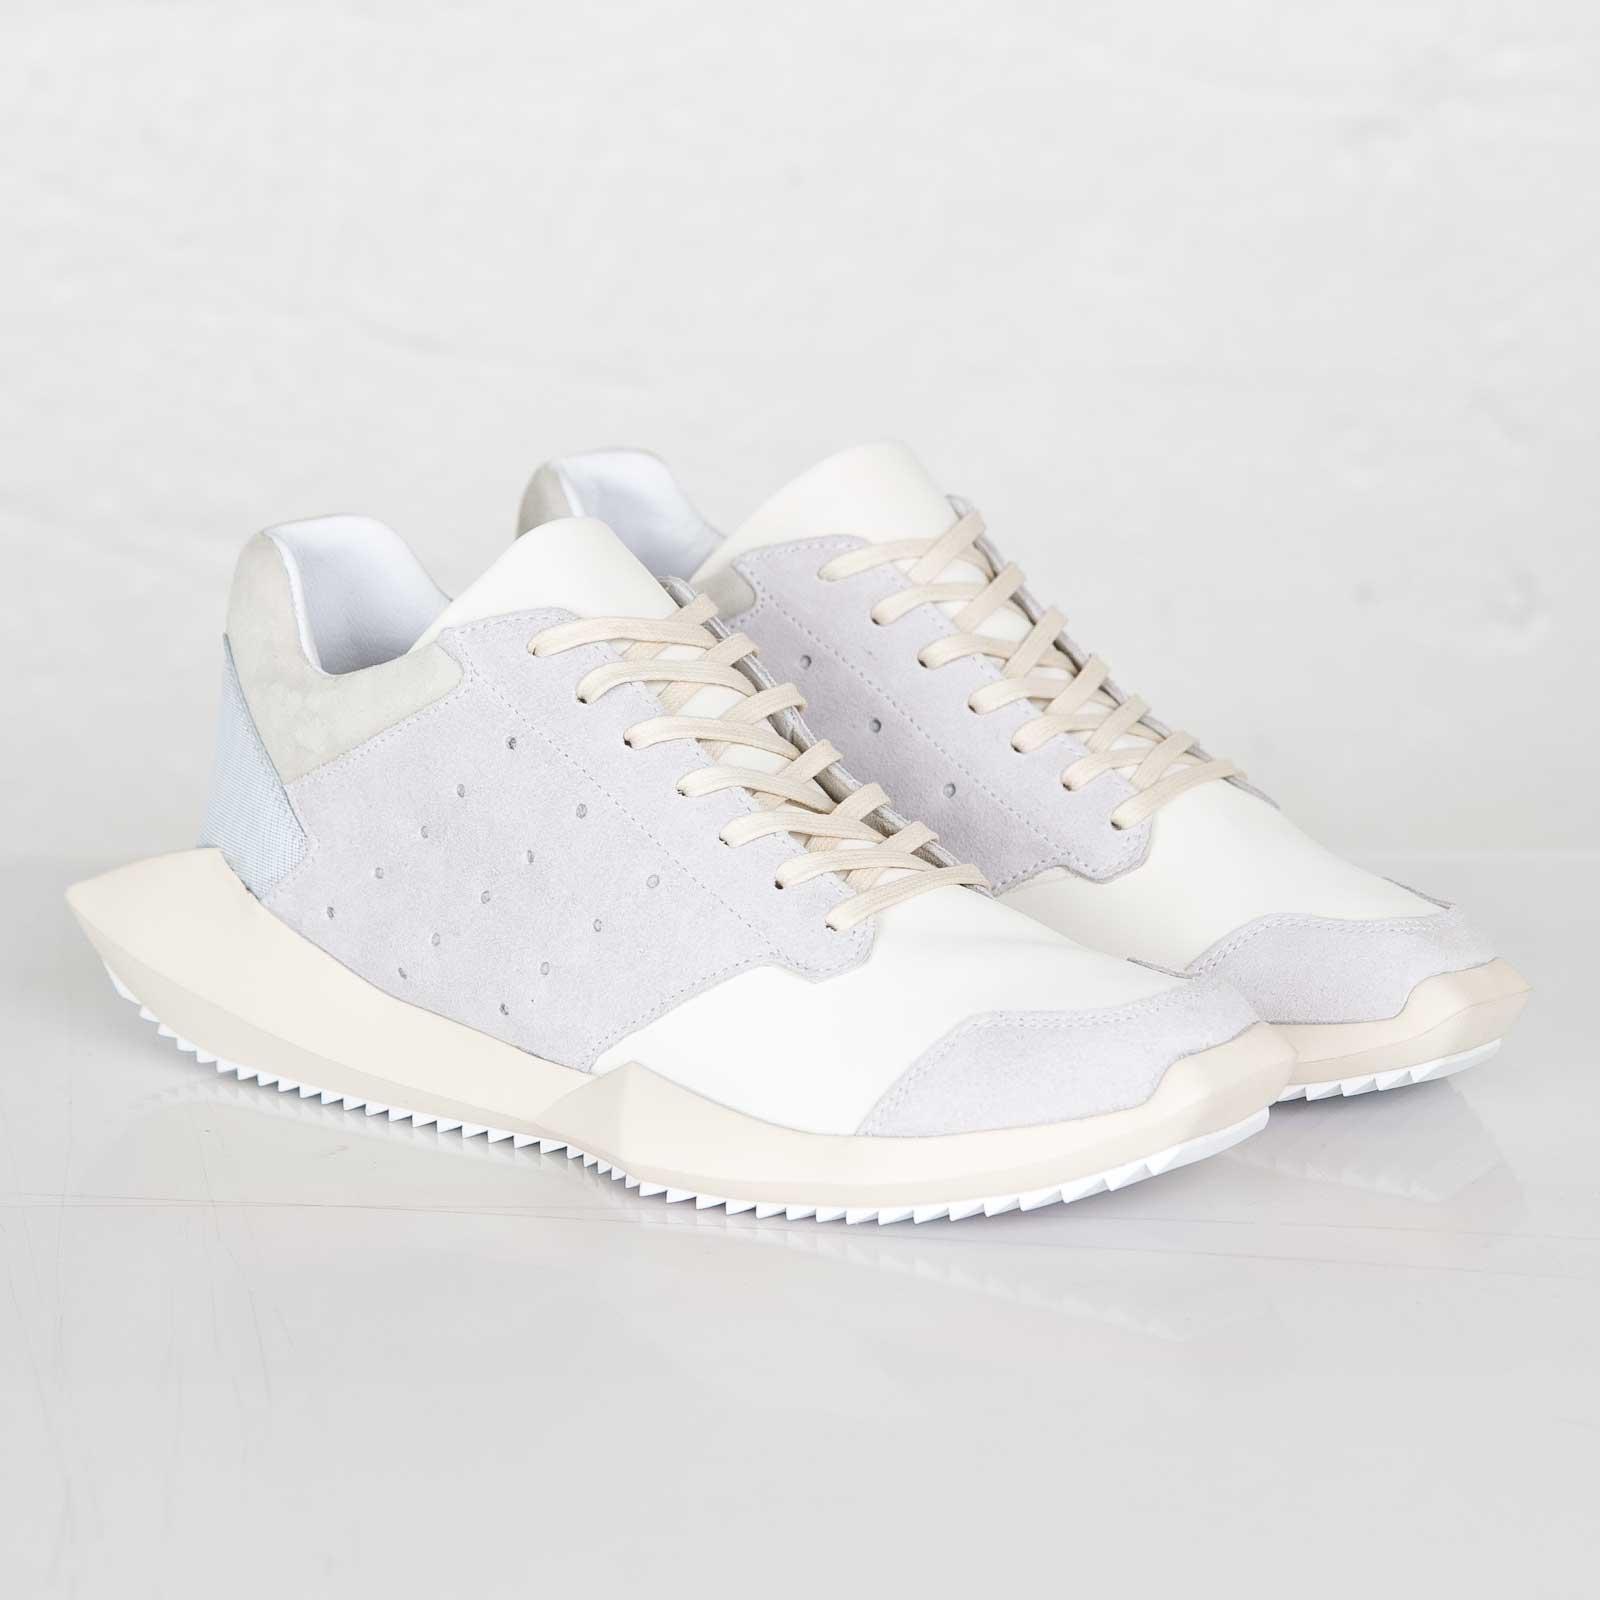 hot sale online 2d70d dd31f adidas Rick Owens Tech Runner - B35085 - Sneakersnstuff ...